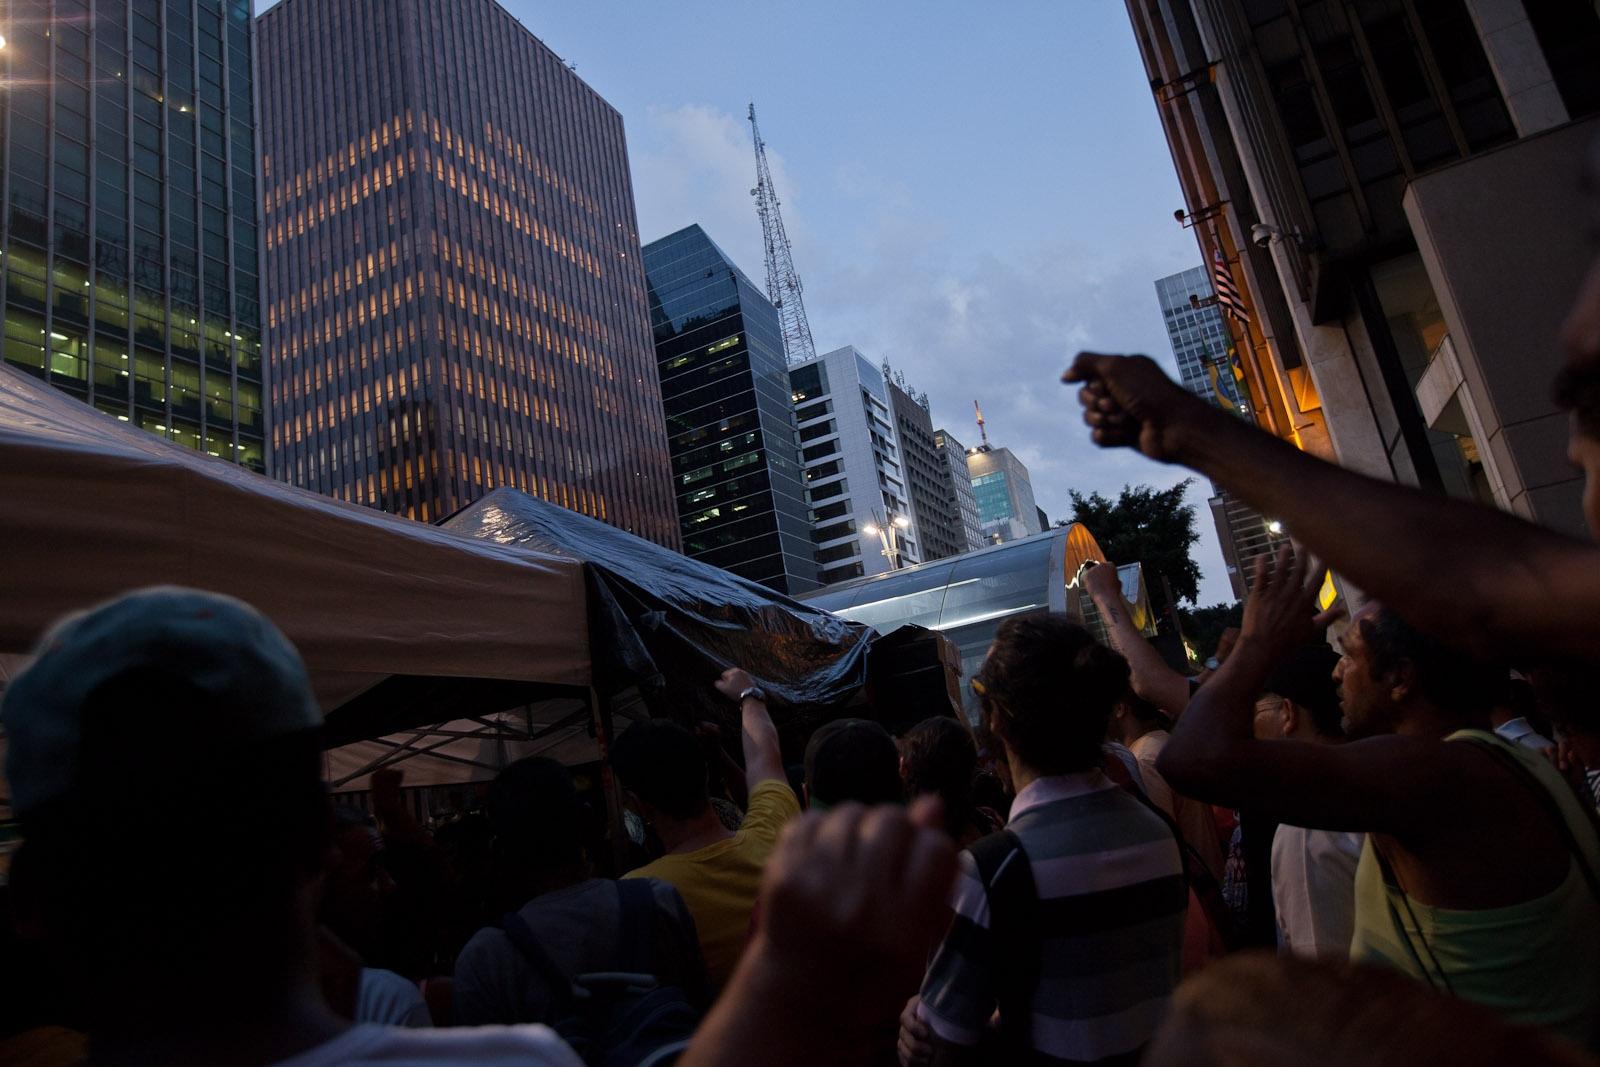 Manifestantes ocupam avenida Paulista / Protesters occupy Paulista avenue